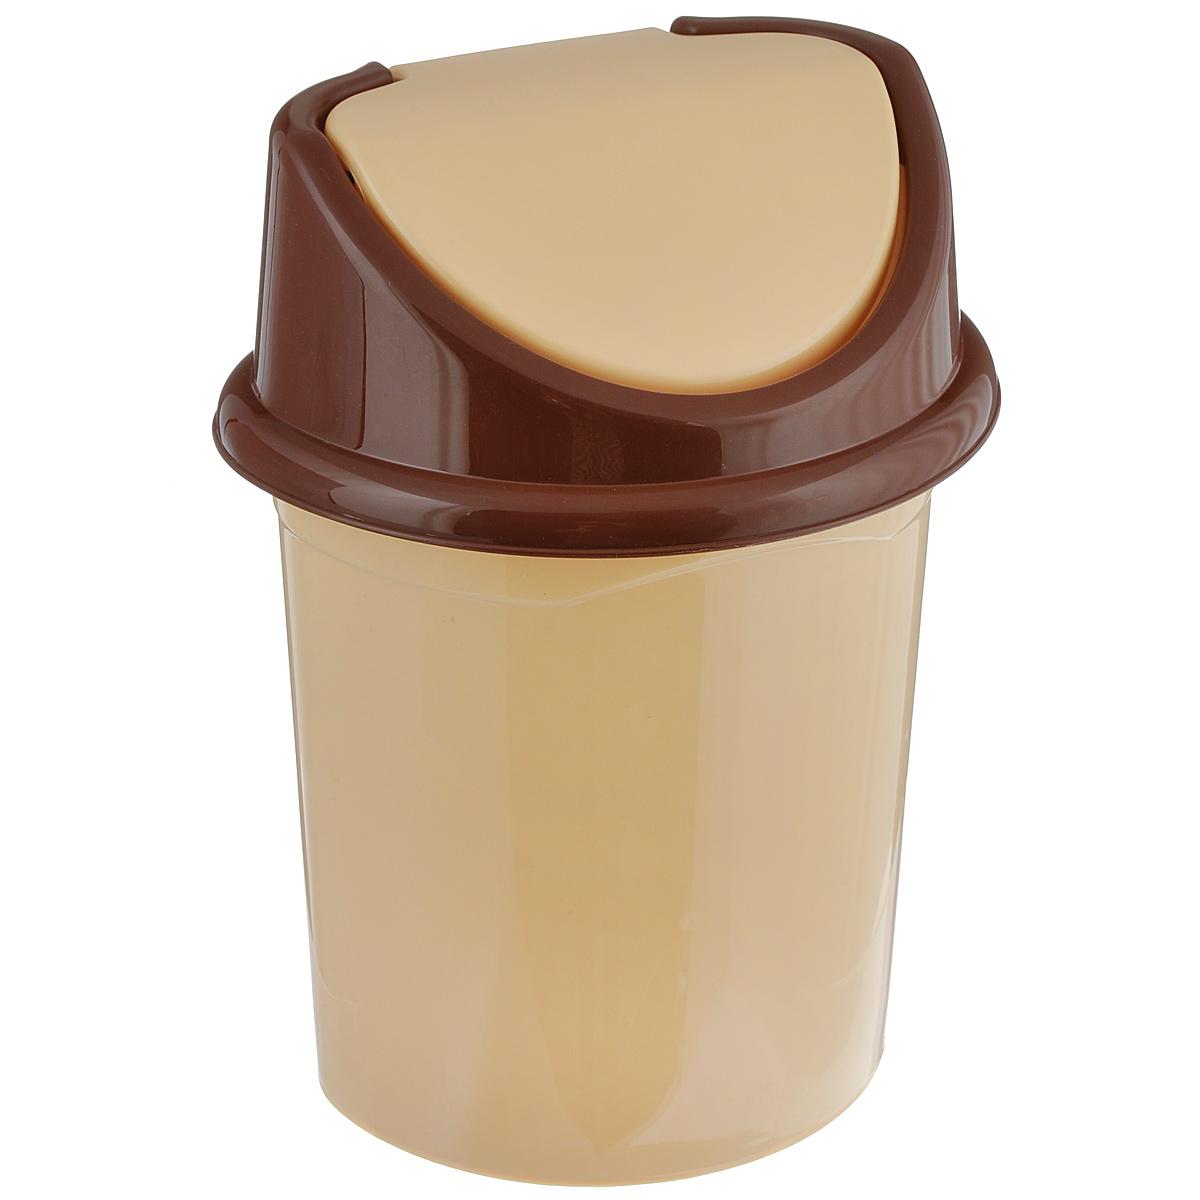 Контейнер для мусора Violet, цвет: бежевый, коричневый, 4 л0404/2Контейнер для мусора Violet изготовлен из прочного пластика и снабжен удобной съемной крышкой с подвижной перегородкой. В нем удобно хранить мелкий мусор. Благодаря лаконичному дизайну такой контейнер идеально впишется в интерьер и дома, и офиса.Размер изделия: 16 см x 20 см x 27 см.